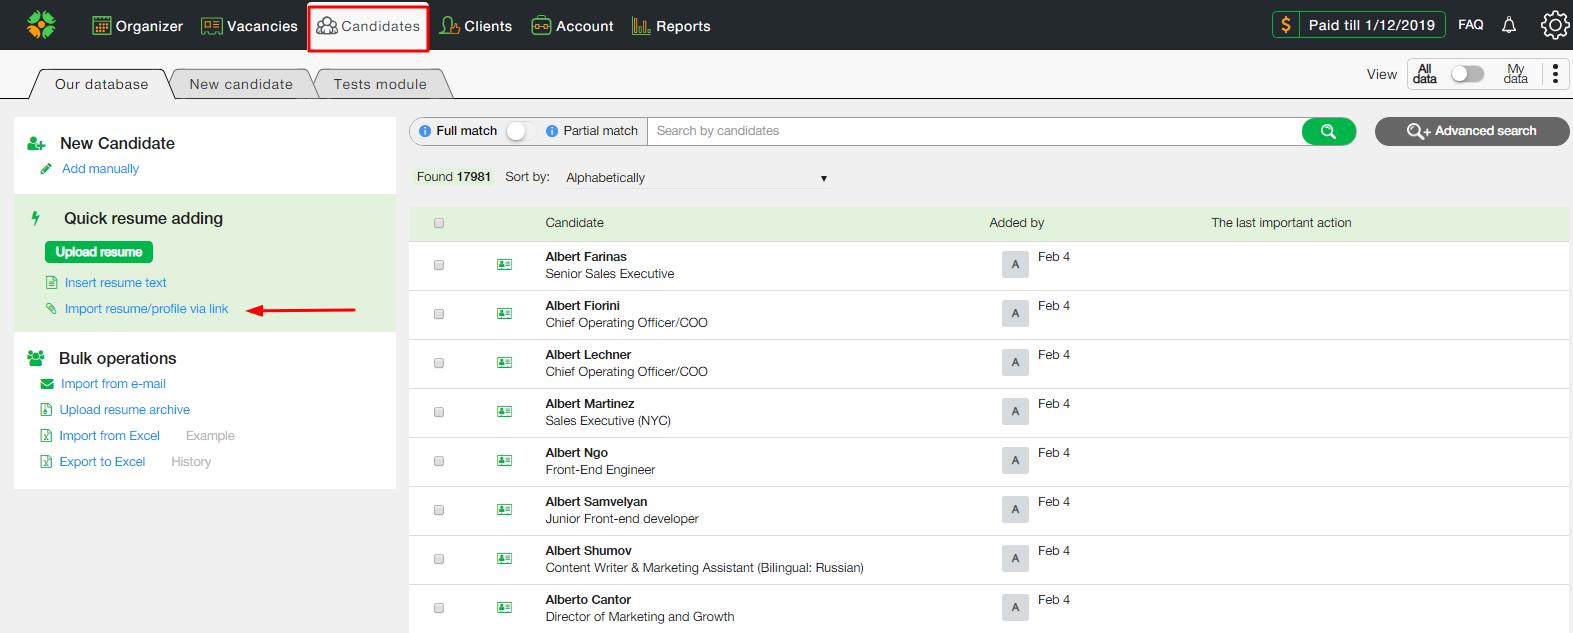 Screenshot1.1 - Новая возможность системы CleverStaff - добавление резюме из GoogleDocs